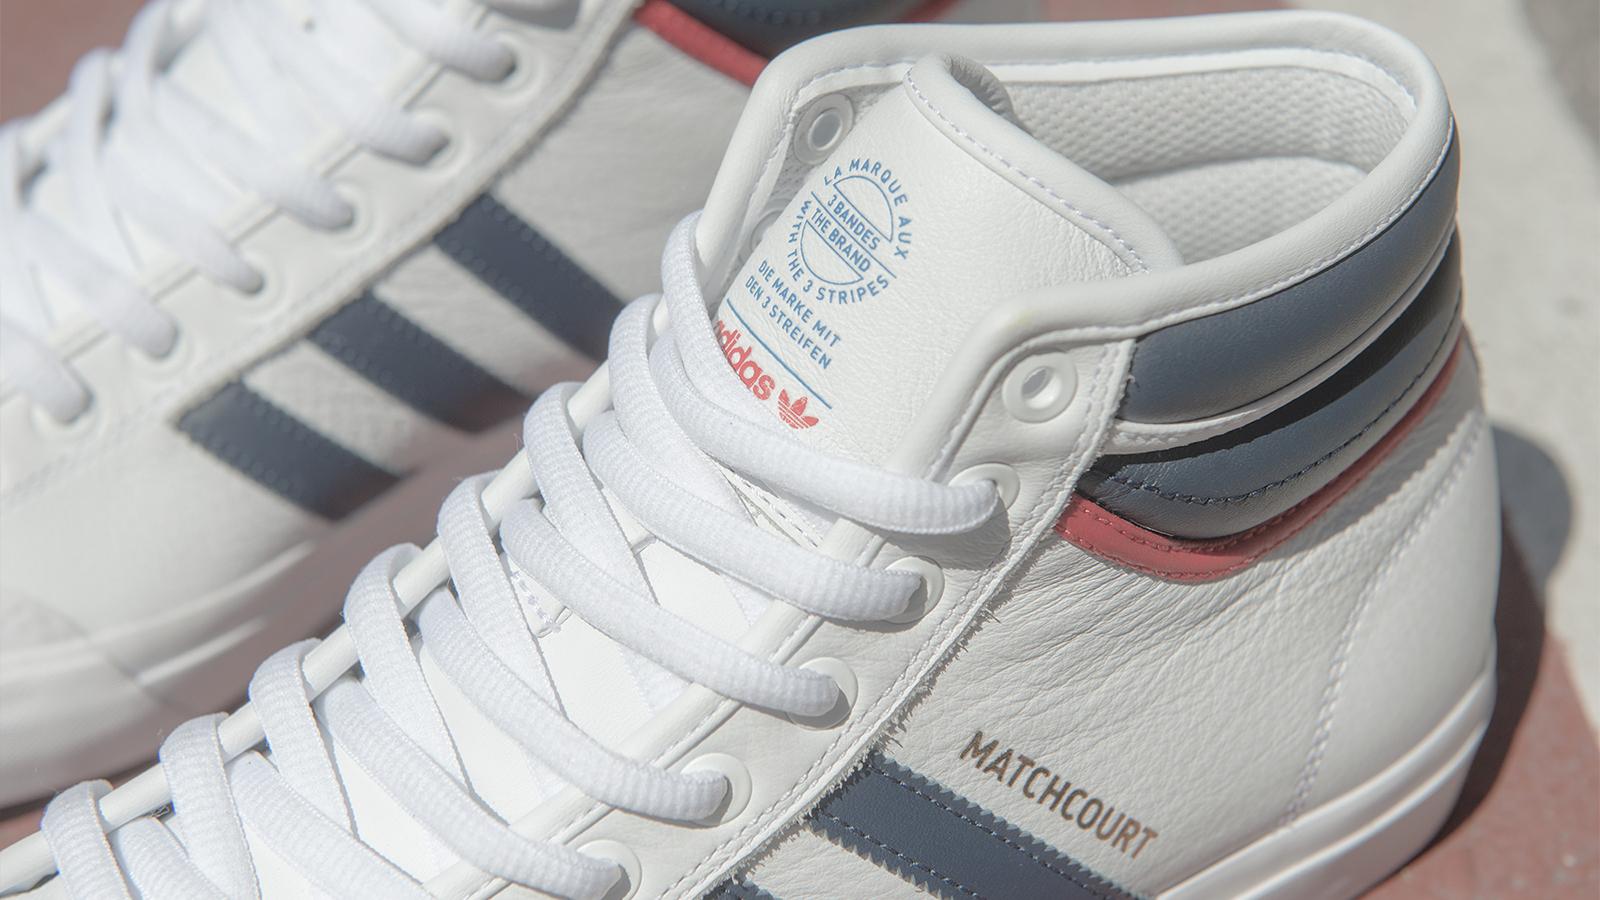 Adidas Matchcourt High RX2 - New